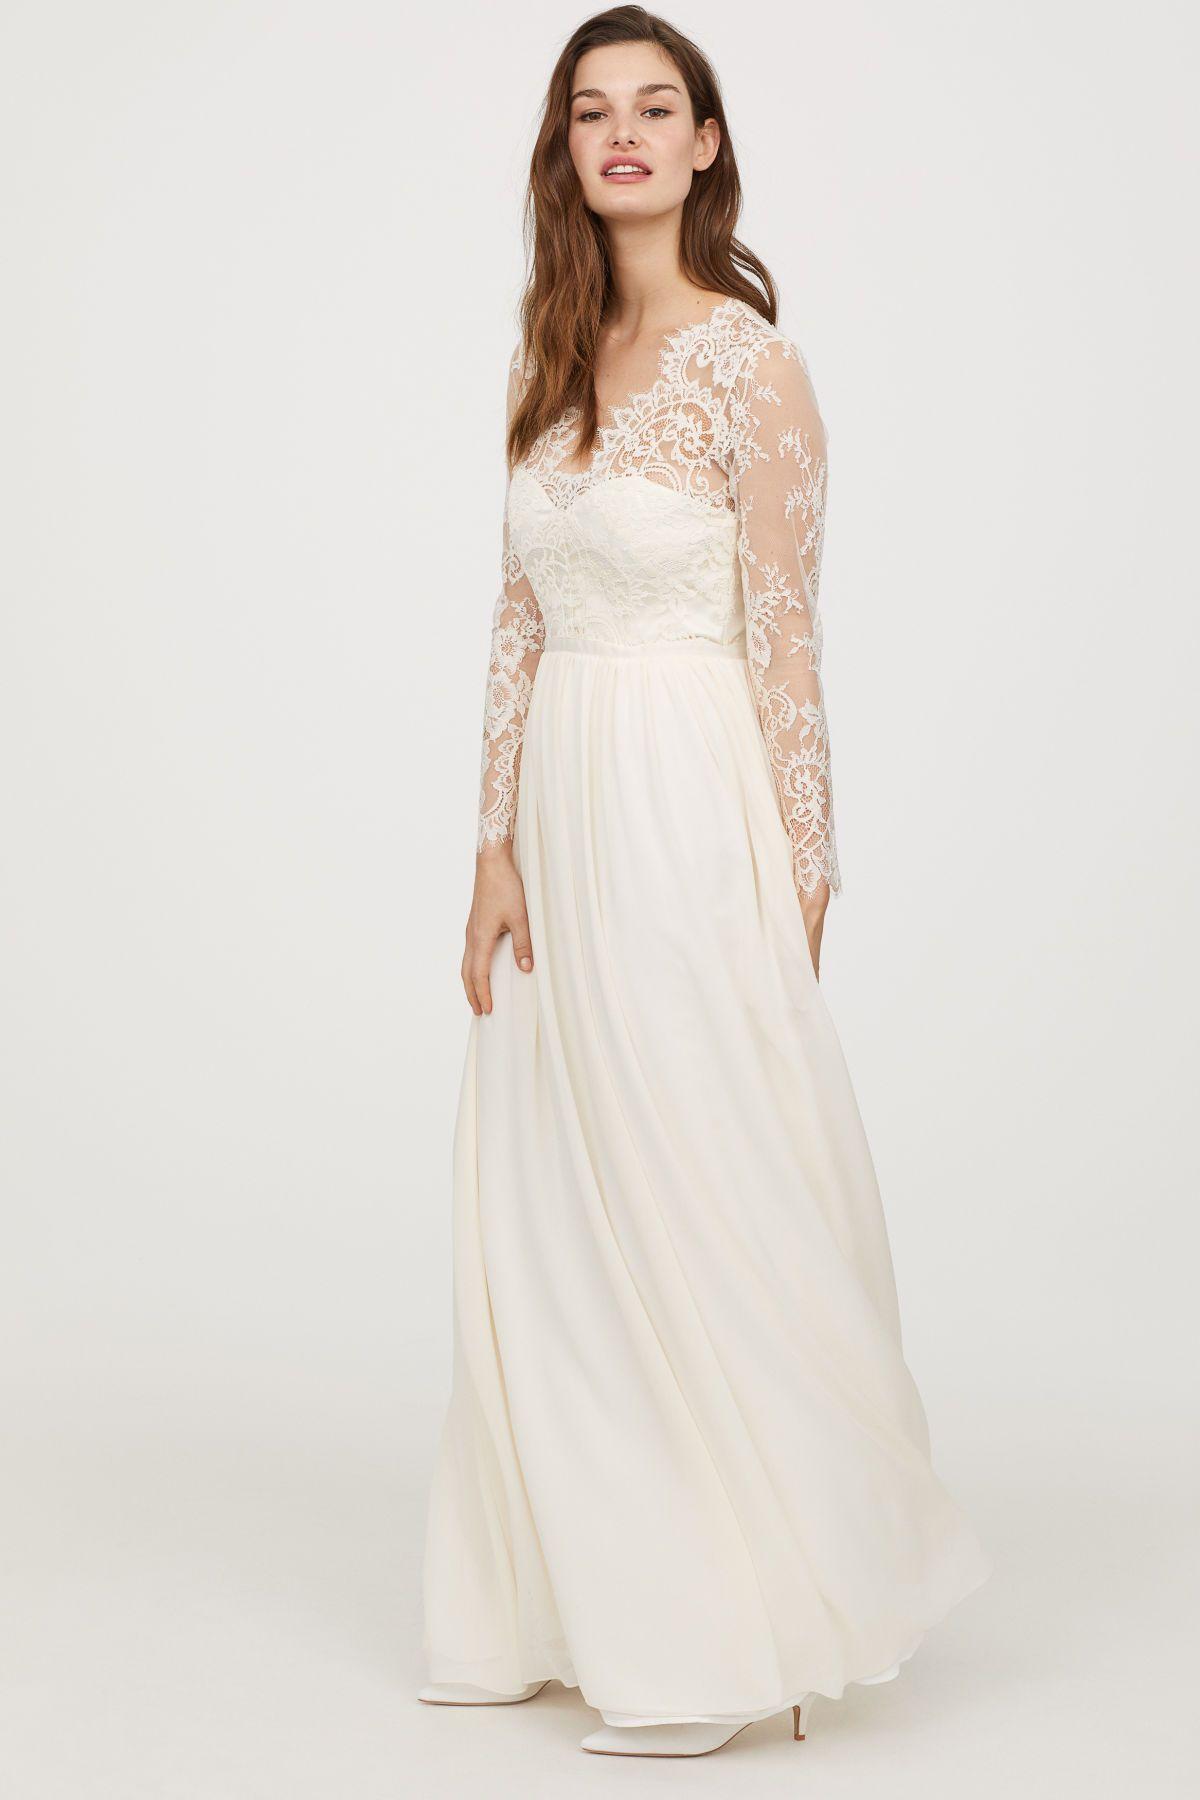 Brautkleider von H&M: So schön ist die neue Kollektion!